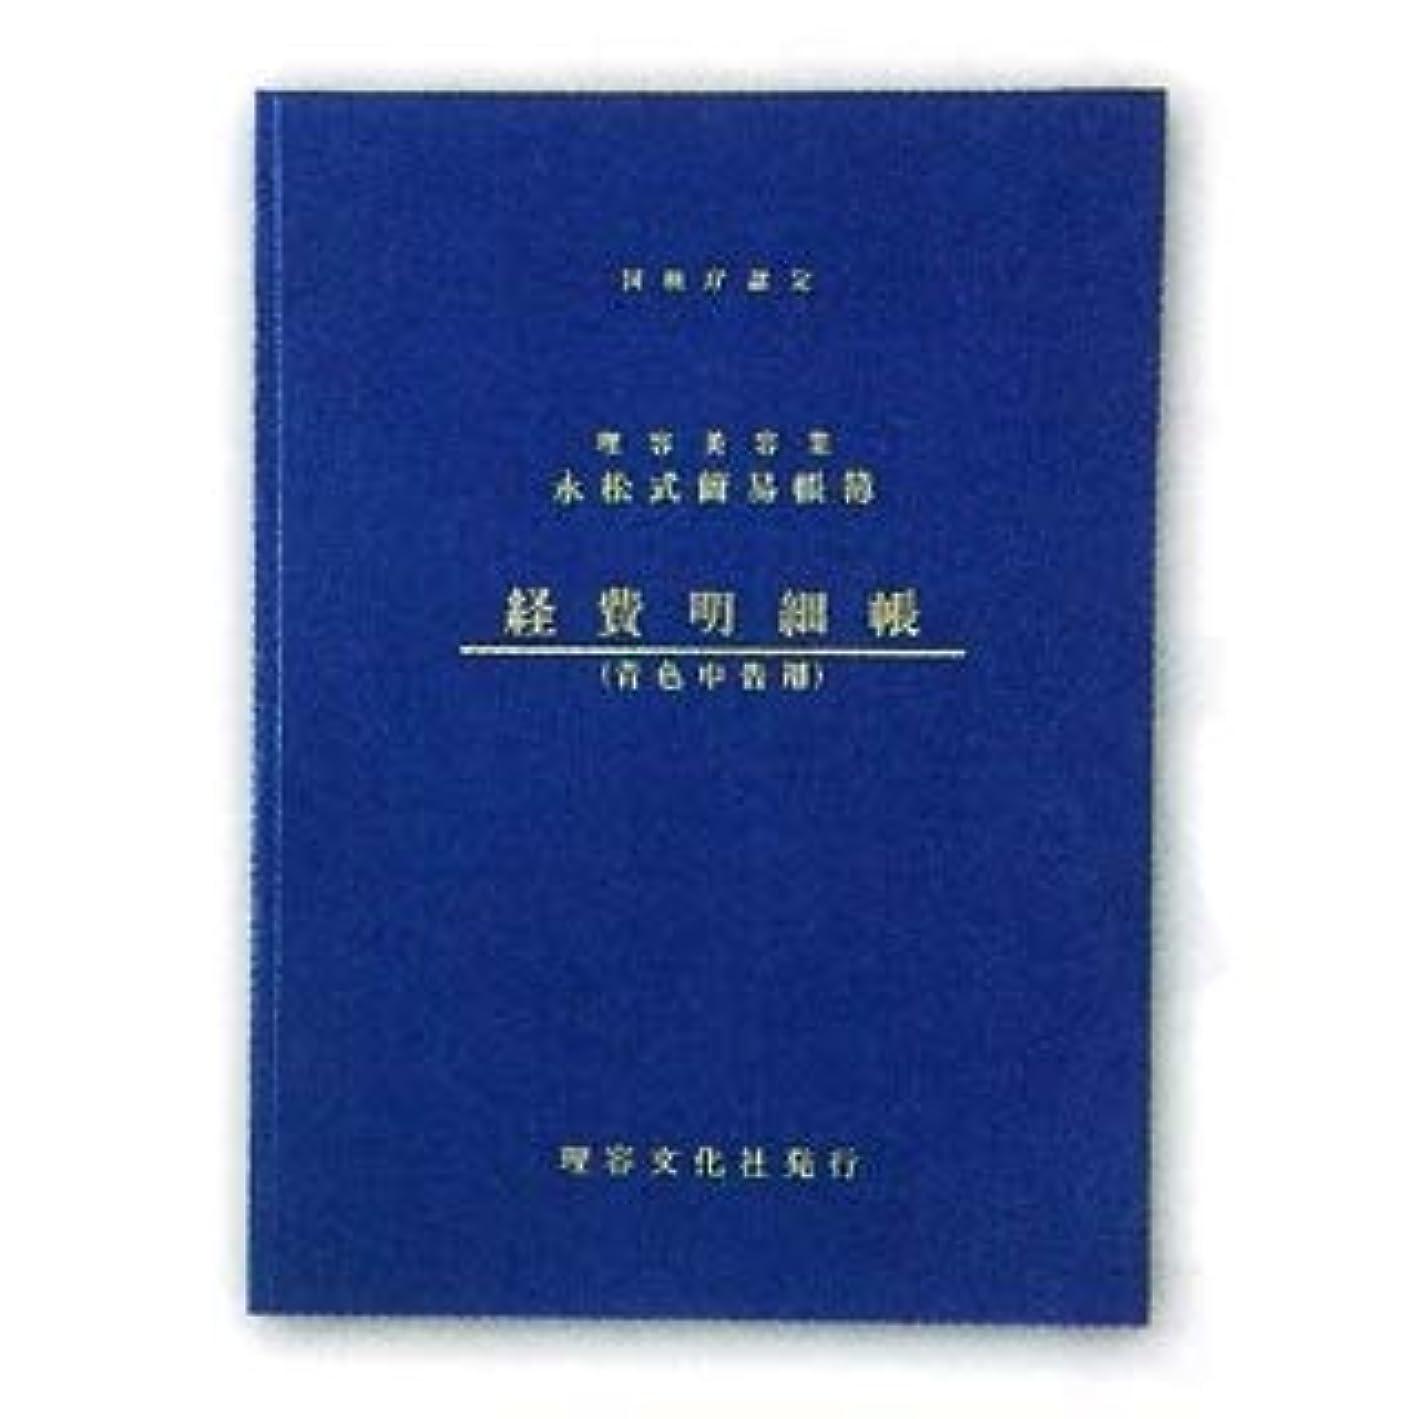 慎重記念日無効にする永松式簡易帳簿 経費明細帳(青色申告用)